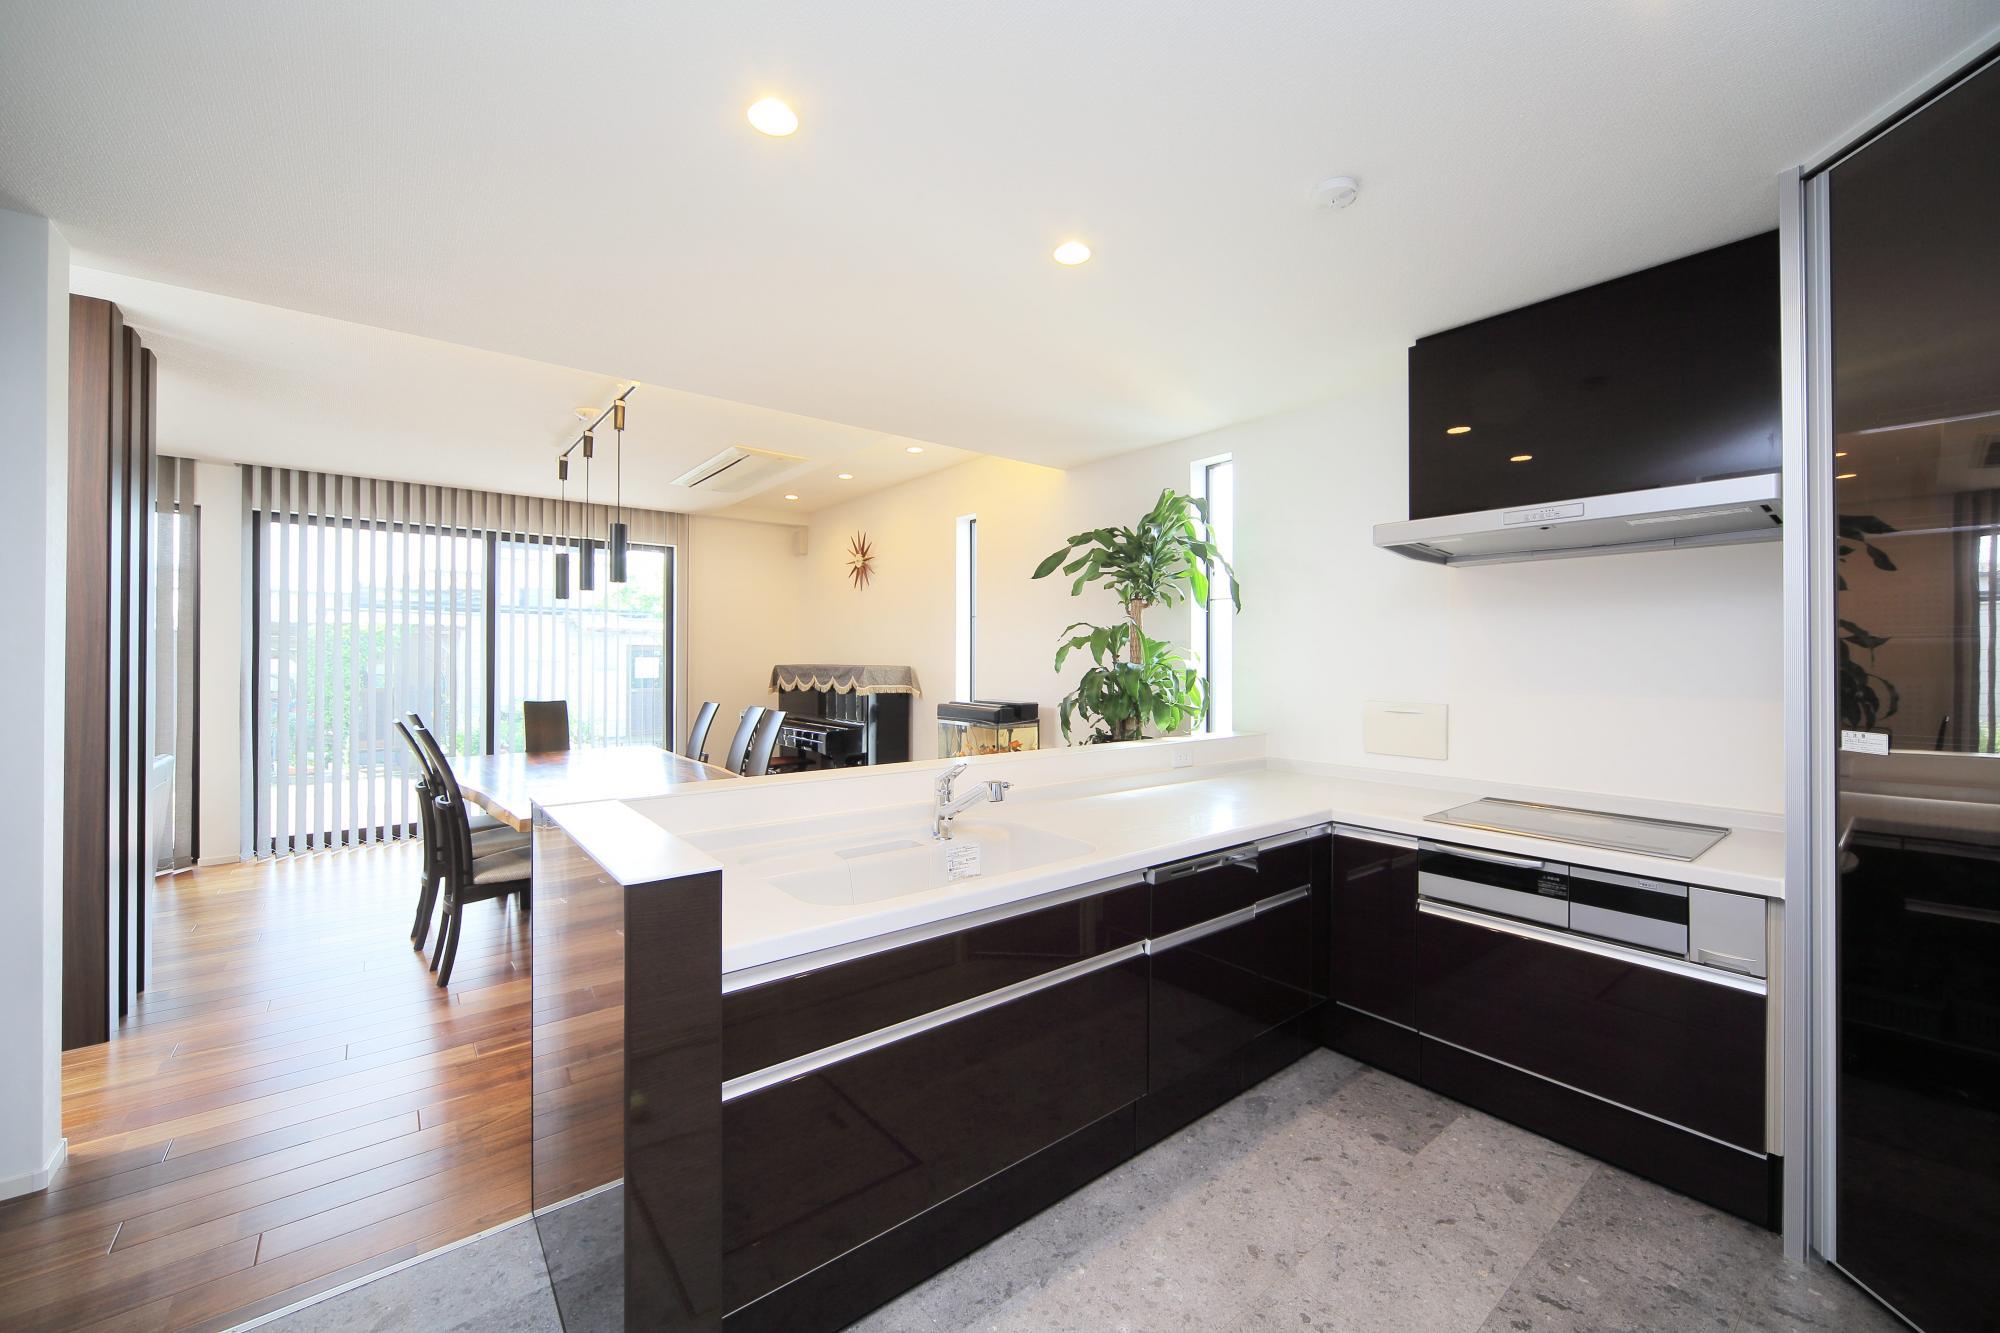 キッチンは対面式に。ダイニング側もキッチン扉と同じ素材で仕上げ、フロアには傷や水汚れに強いタイル調の床材を使用。